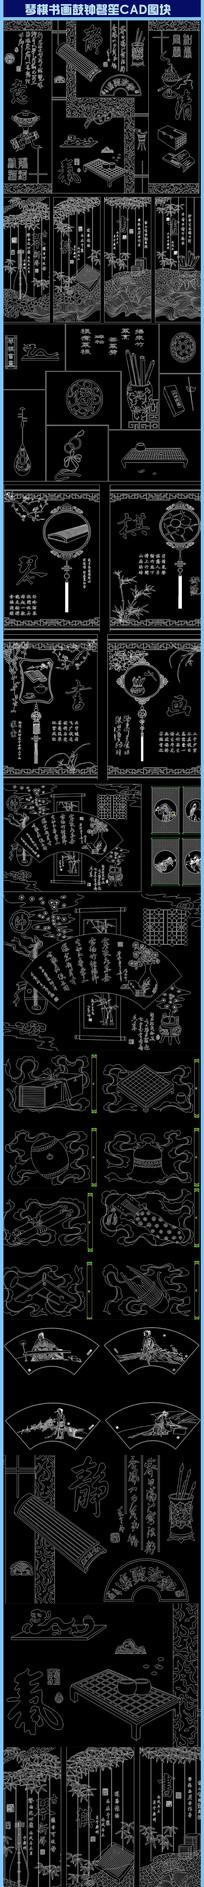 琴棋书画鼓钟磬笙CAD图块